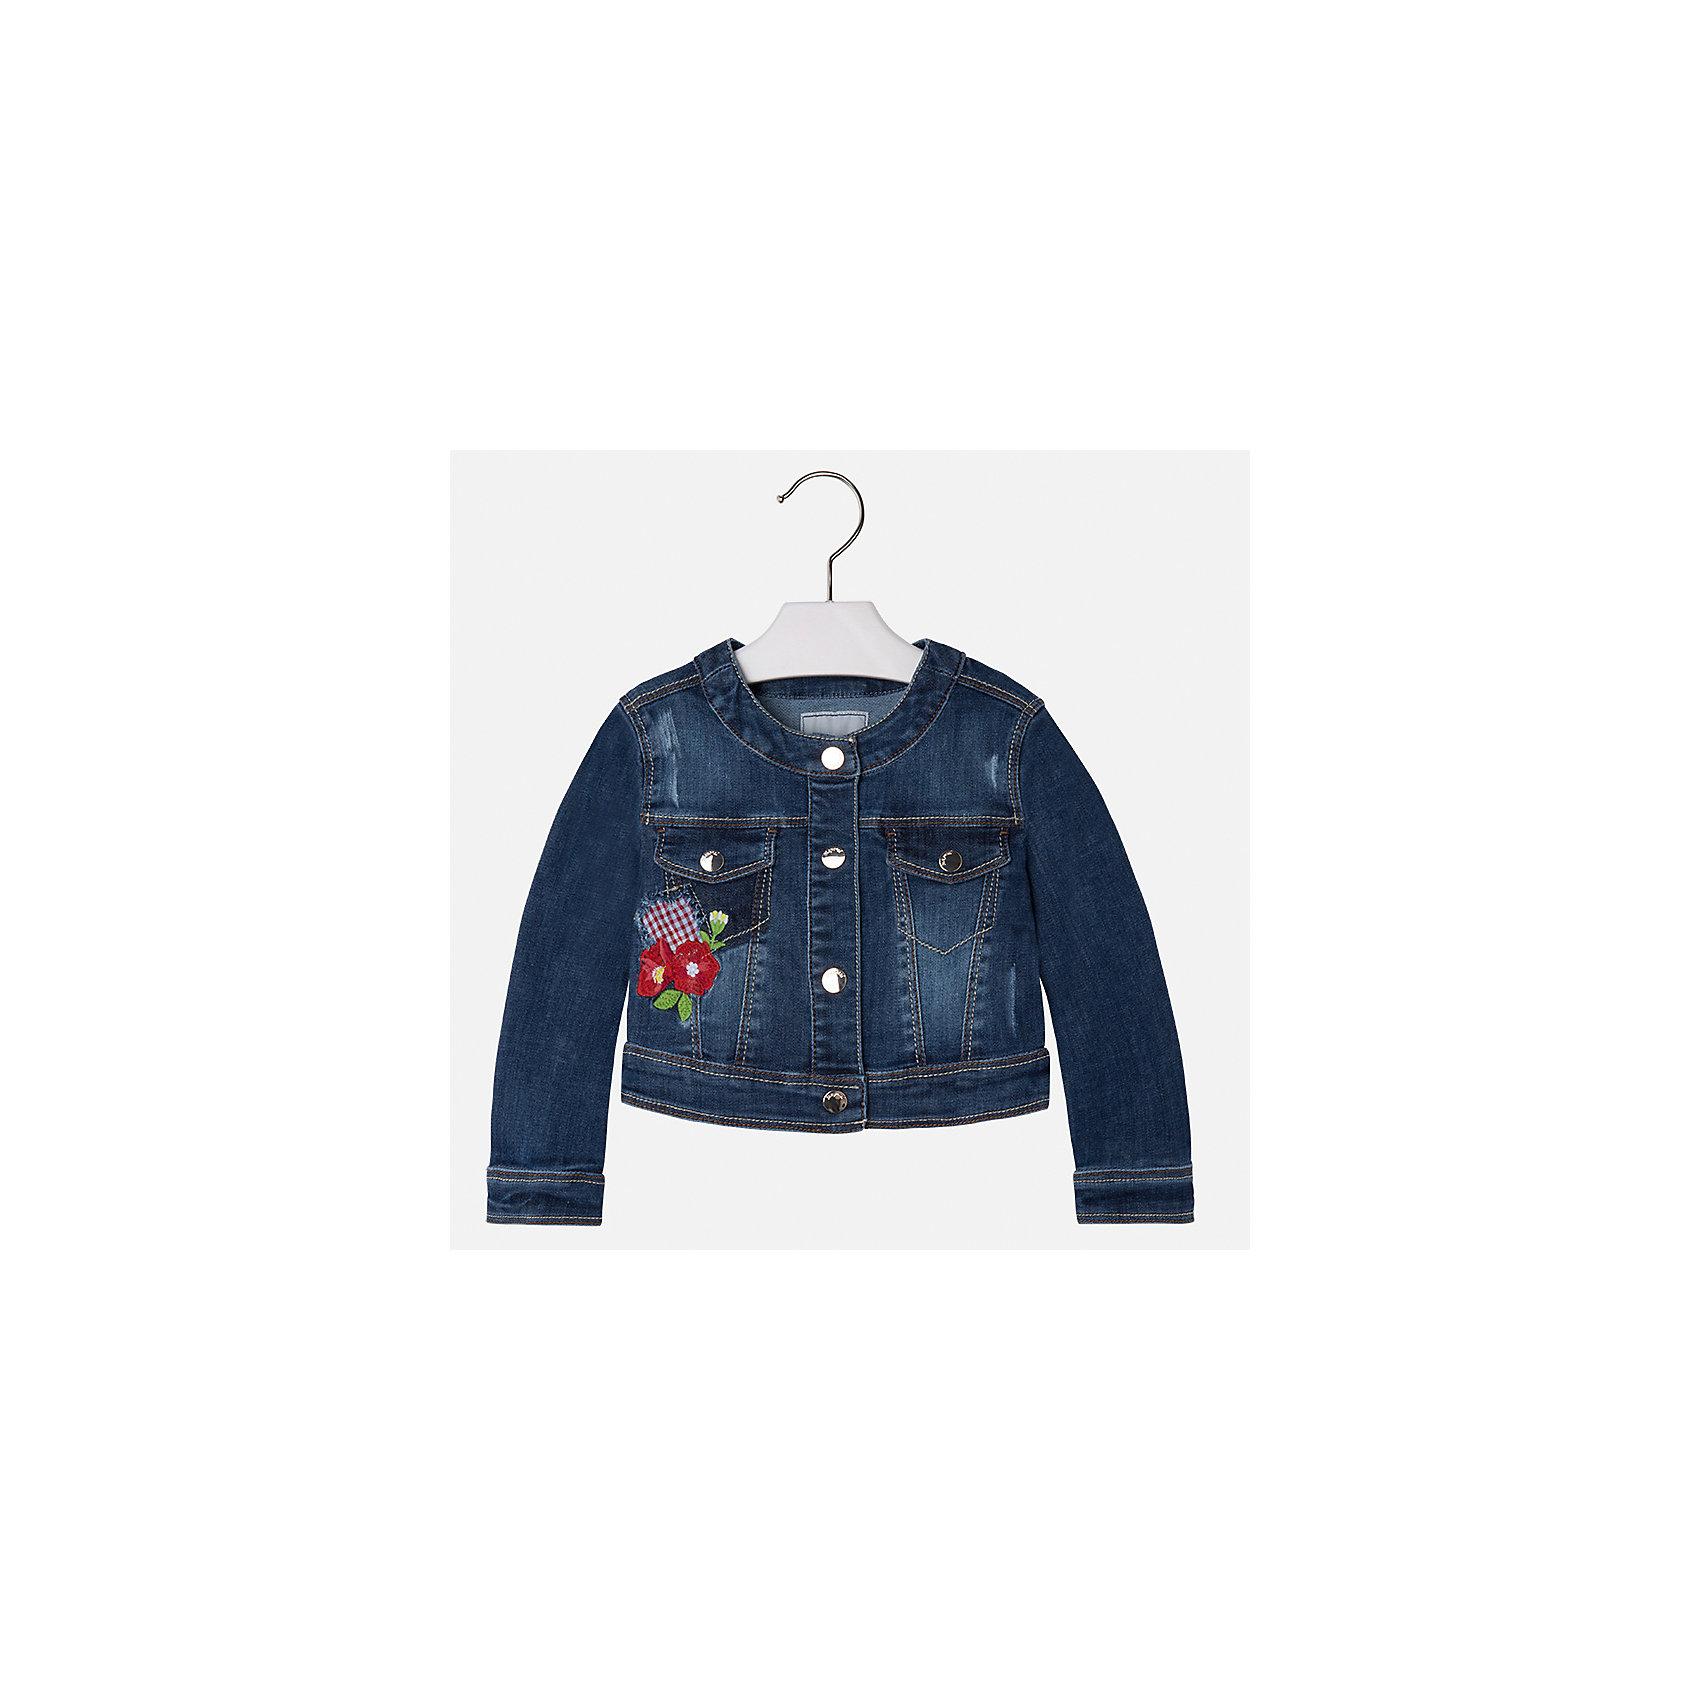 Куртка джинсовая для девочки MayoralДжинсовая одежда<br>Характеристики товара:<br><br>• цвет: синий<br>• состав: 81% полиэстер, 17% вискоза, 2% эластан<br>• температурный режим: от +20°до +10°С<br>• вышивка<br>• карманы<br>• с длинными рукавами <br>• застежки: кнопки<br>• страна бренда: Испания<br><br>Удобная и модная куртка для девочки поможет разнообразить гардероб ребенка и обеспечить тепло в прохладную погоду. Она отлично сочетается и с юбками, и с брюками. Красивый цвет позволяет подобрать к вещи низ различных расцветок. Интересная отделка модели делает её нарядной и стильной. Оригинальной и модной куртку делает красивая вышивка.<br><br>Одежда, обувь и аксессуары от испанского бренда Mayoral полюбились детям и взрослым по всему миру. Модели этой марки - стильные и удобные. Для их производства используются только безопасные, качественные материалы и фурнитура. Порадуйте ребенка модными и красивыми вещами от Mayoral! <br><br>Куртку для девочки от испанского бренда Mayoral (Майорал) можно купить в нашем интернет-магазине.<br><br>Ширина мм: 356<br>Глубина мм: 10<br>Высота мм: 245<br>Вес г: 519<br>Цвет: белый<br>Возраст от месяцев: 96<br>Возраст до месяцев: 108<br>Пол: Женский<br>Возраст: Детский<br>Размер: 134,92,98,104,110,116,122,128<br>SKU: 5290118